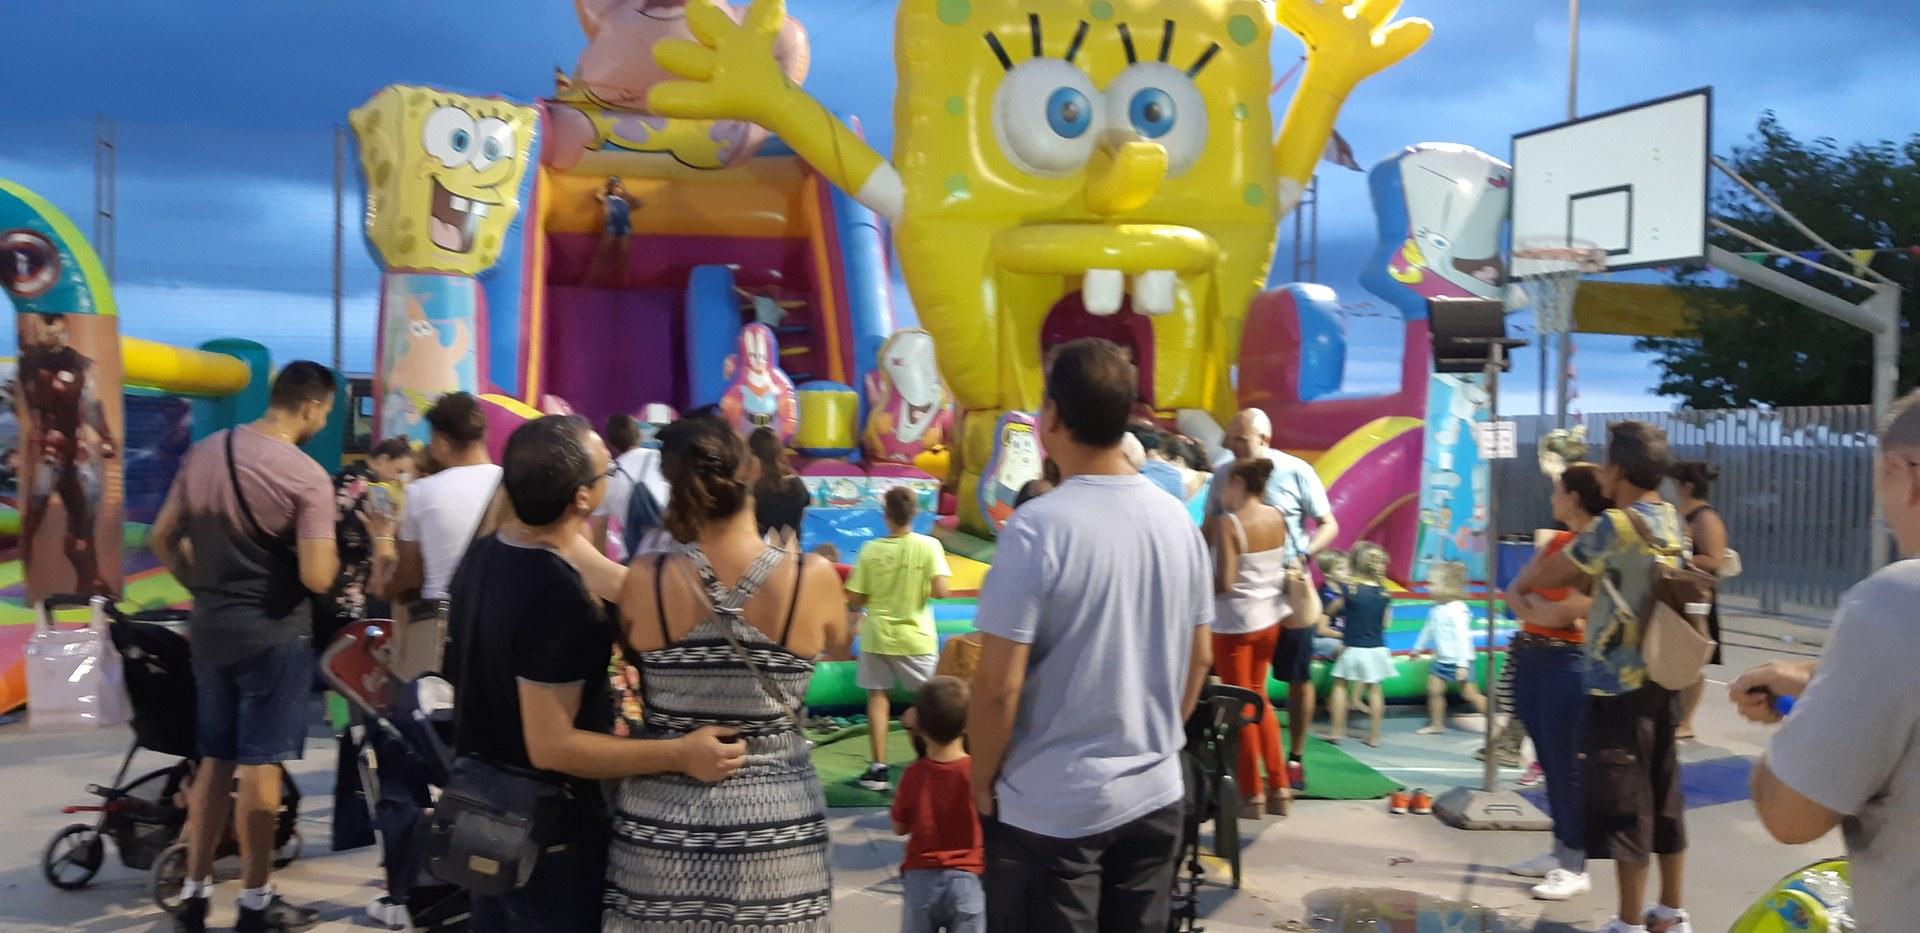 Les Botigues de Sitges dóna el tret de sortida aquest dijous a la Festa d'Estiu amb els balls en línia